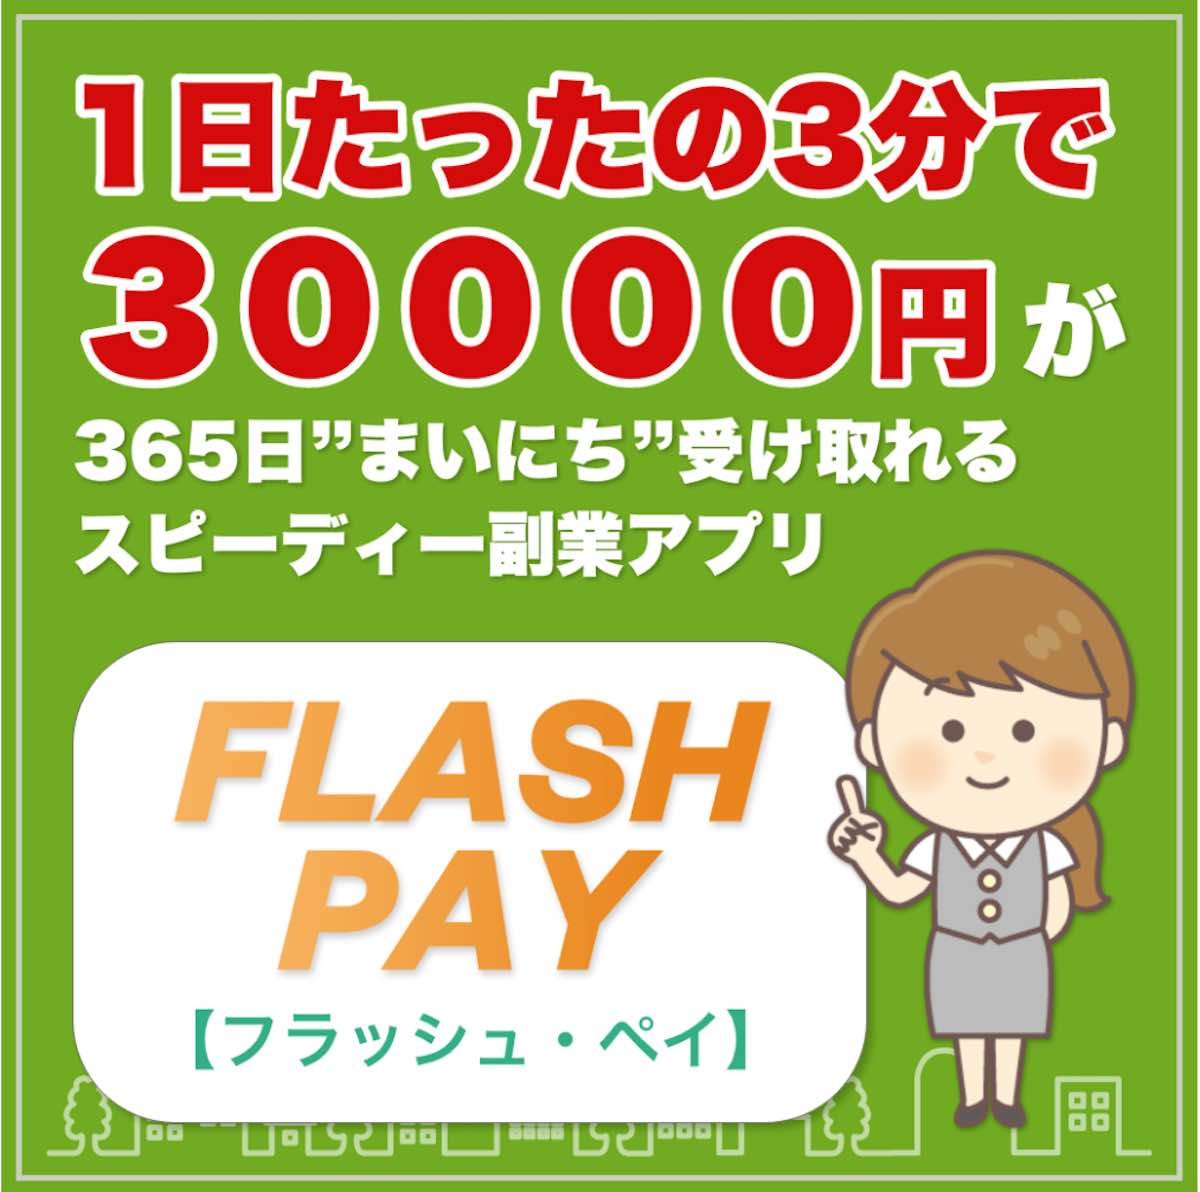 【臼井歩美】フラッシュペイ(FLASH PAY)は詐欺?毎日3万円稼げる怪しいLINE副業の内容は?口コミ評判を徹底検証